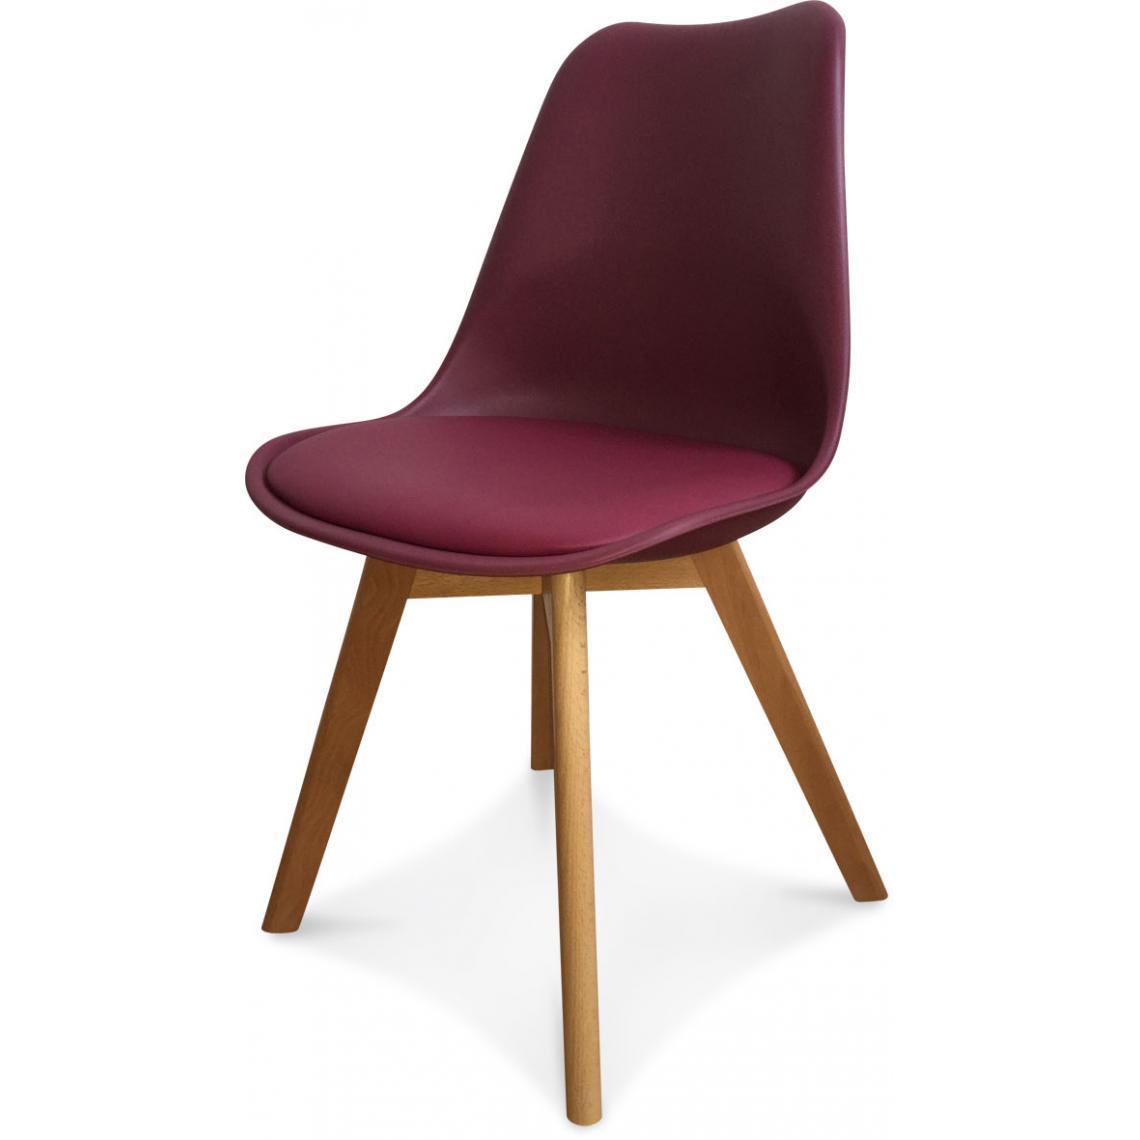 chaise design style scandinave bordeaux wine esben 3 suisses. Black Bedroom Furniture Sets. Home Design Ideas